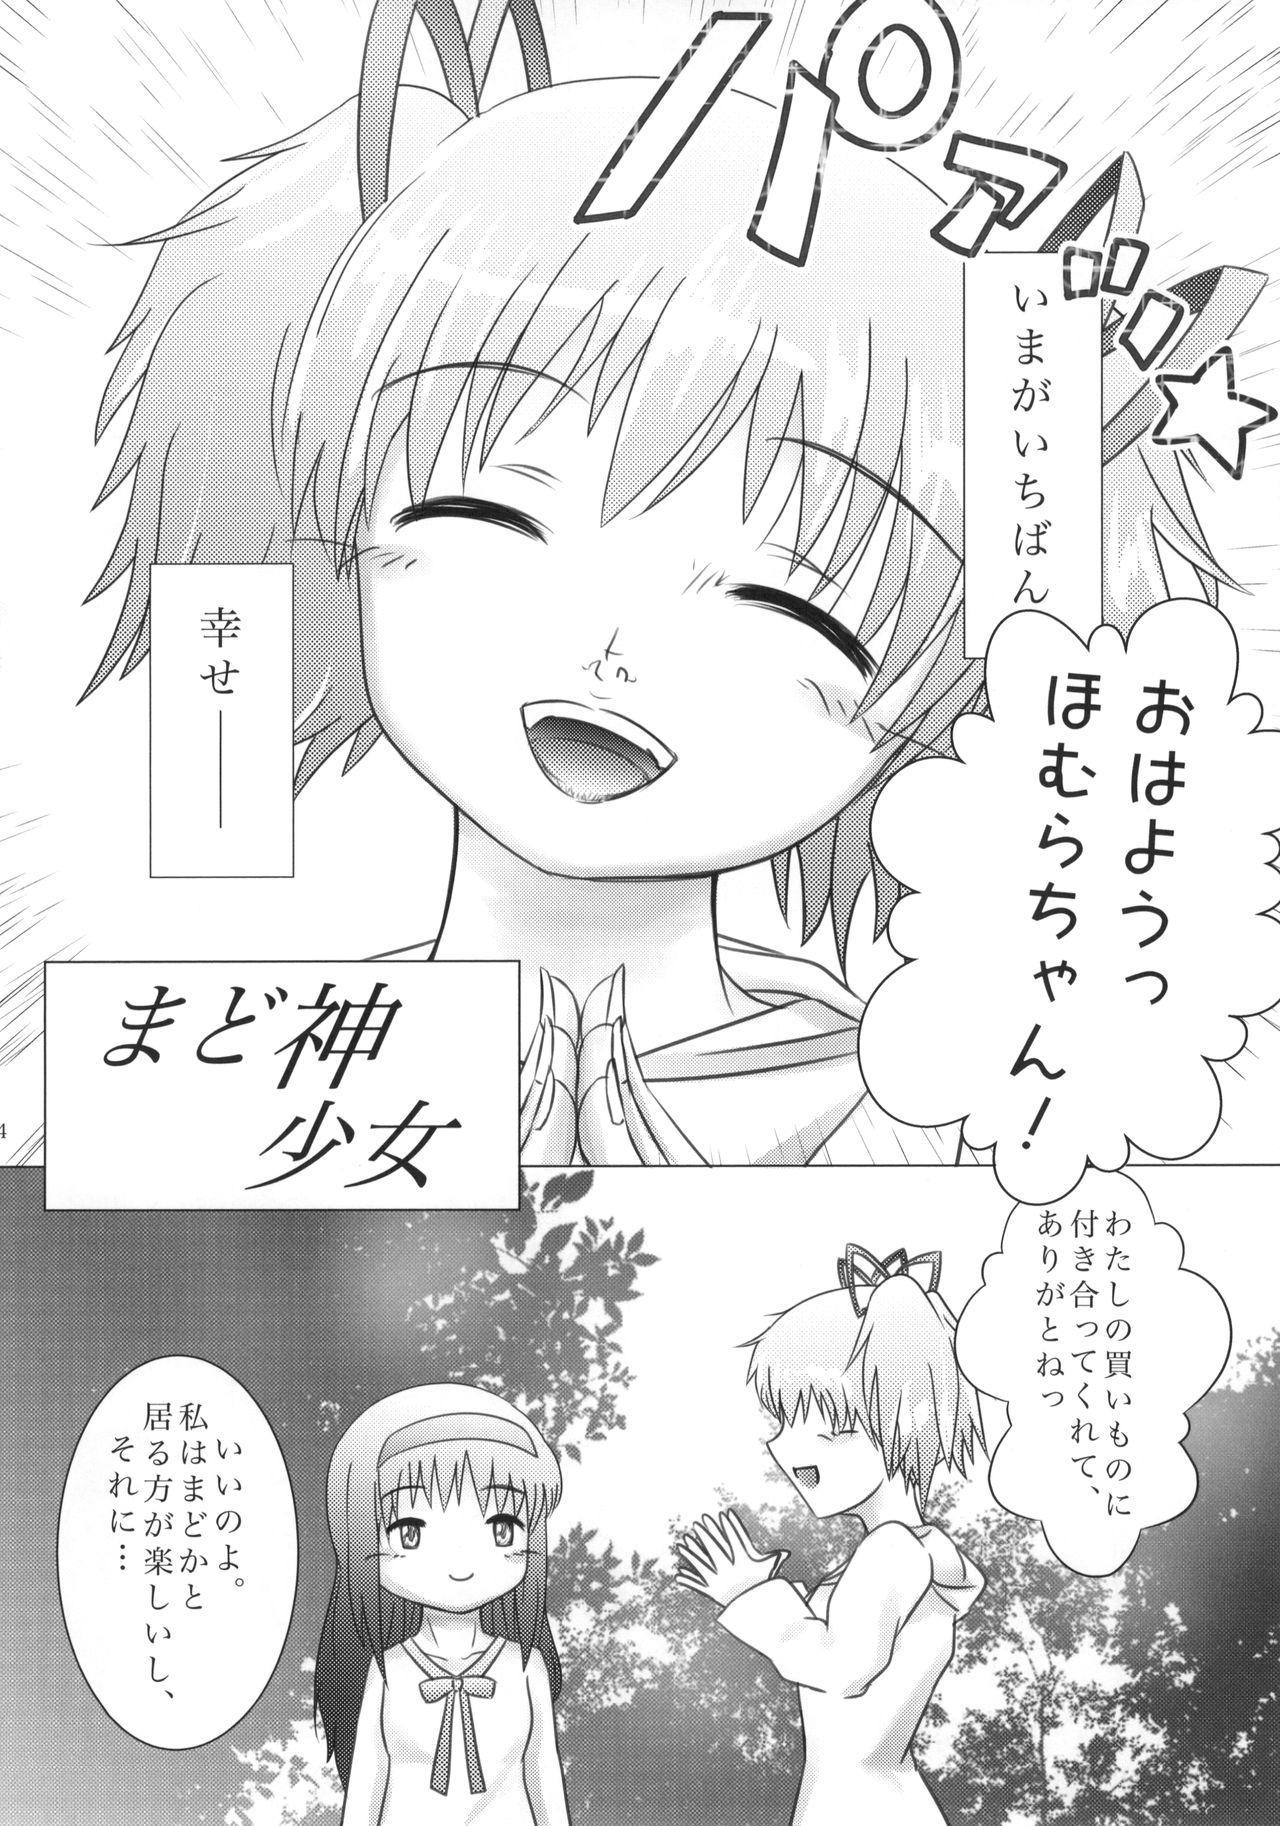 Mado-Kami Shoujo 4